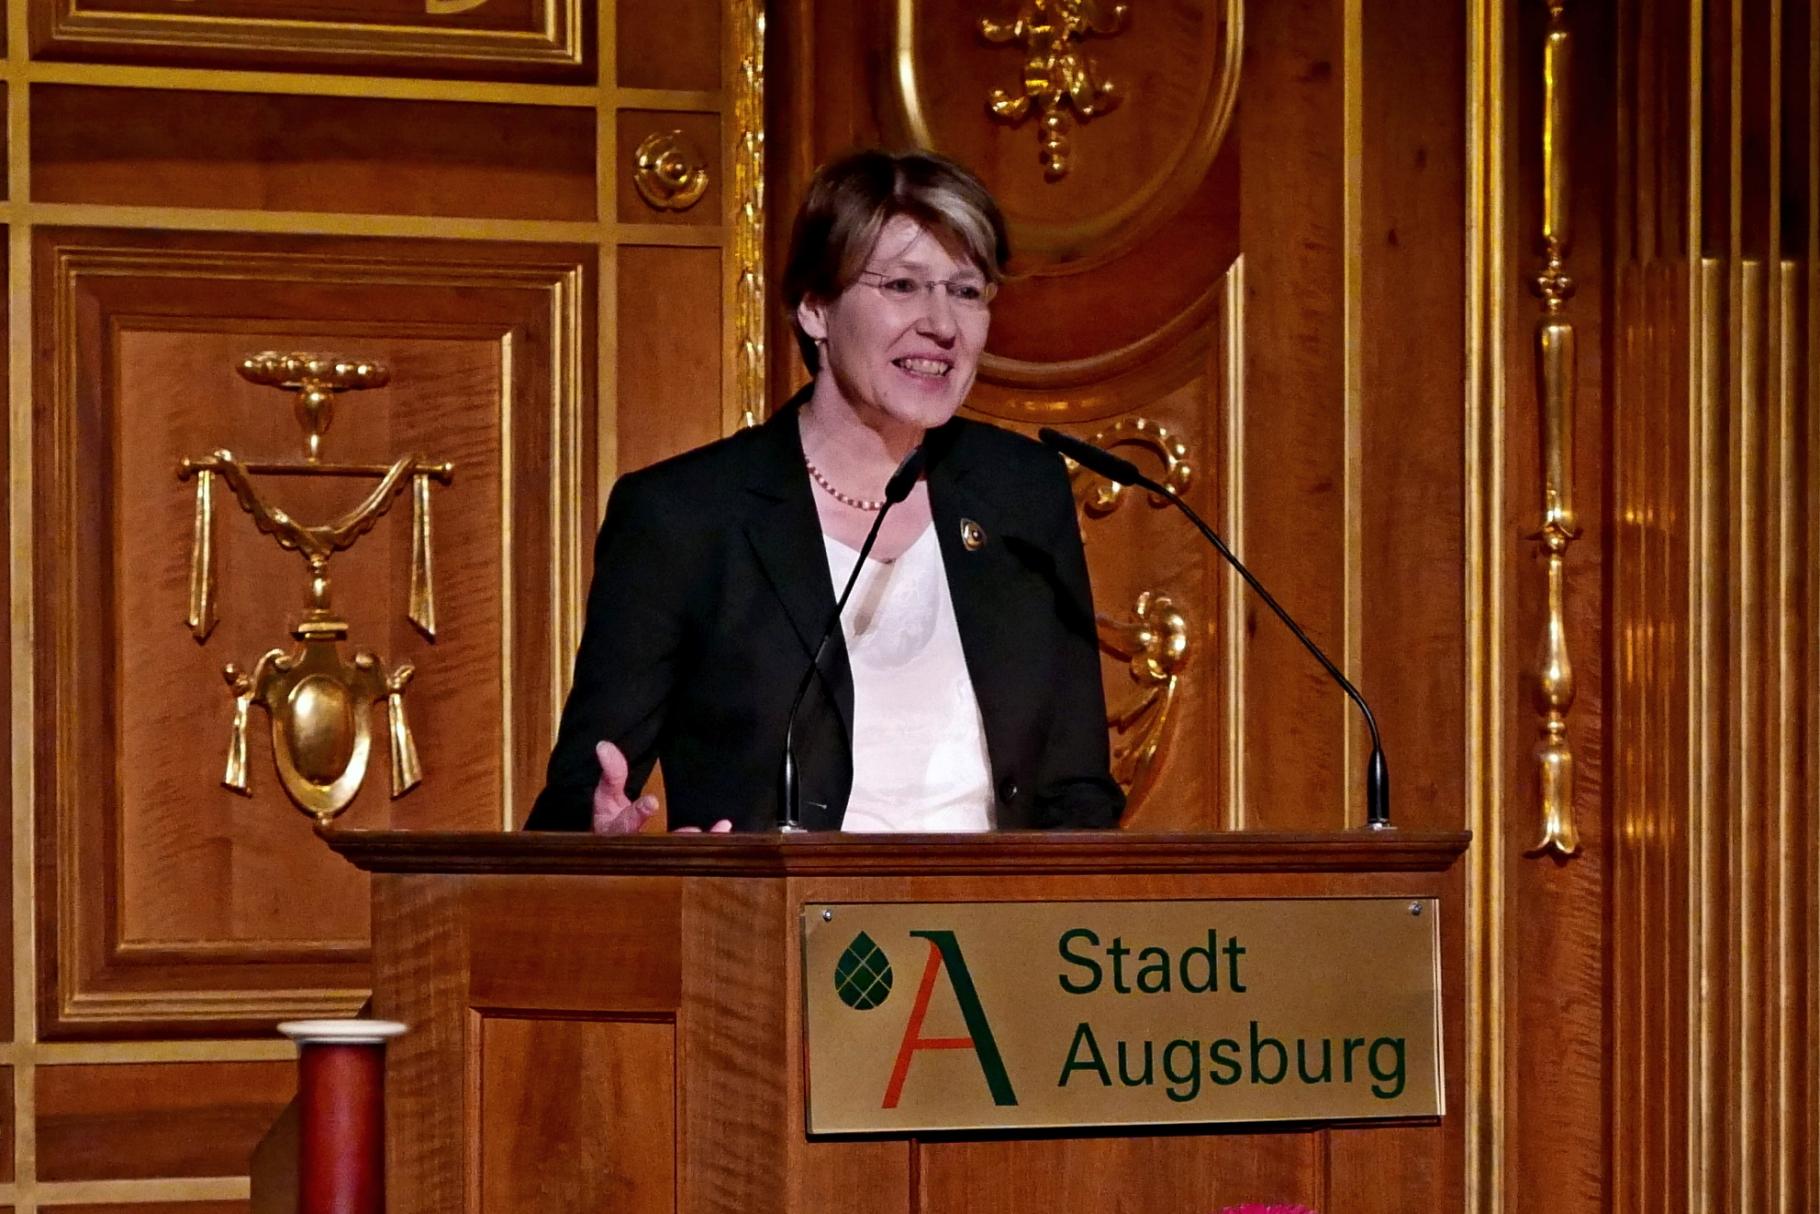 Ulrike Bahr - Festakt 20 Jahre Freiwilligen-Zentrum Augsburg - 24.03.2017 im Goldenen Saal Rathaus Augsburg - Foto: Christoph Urban